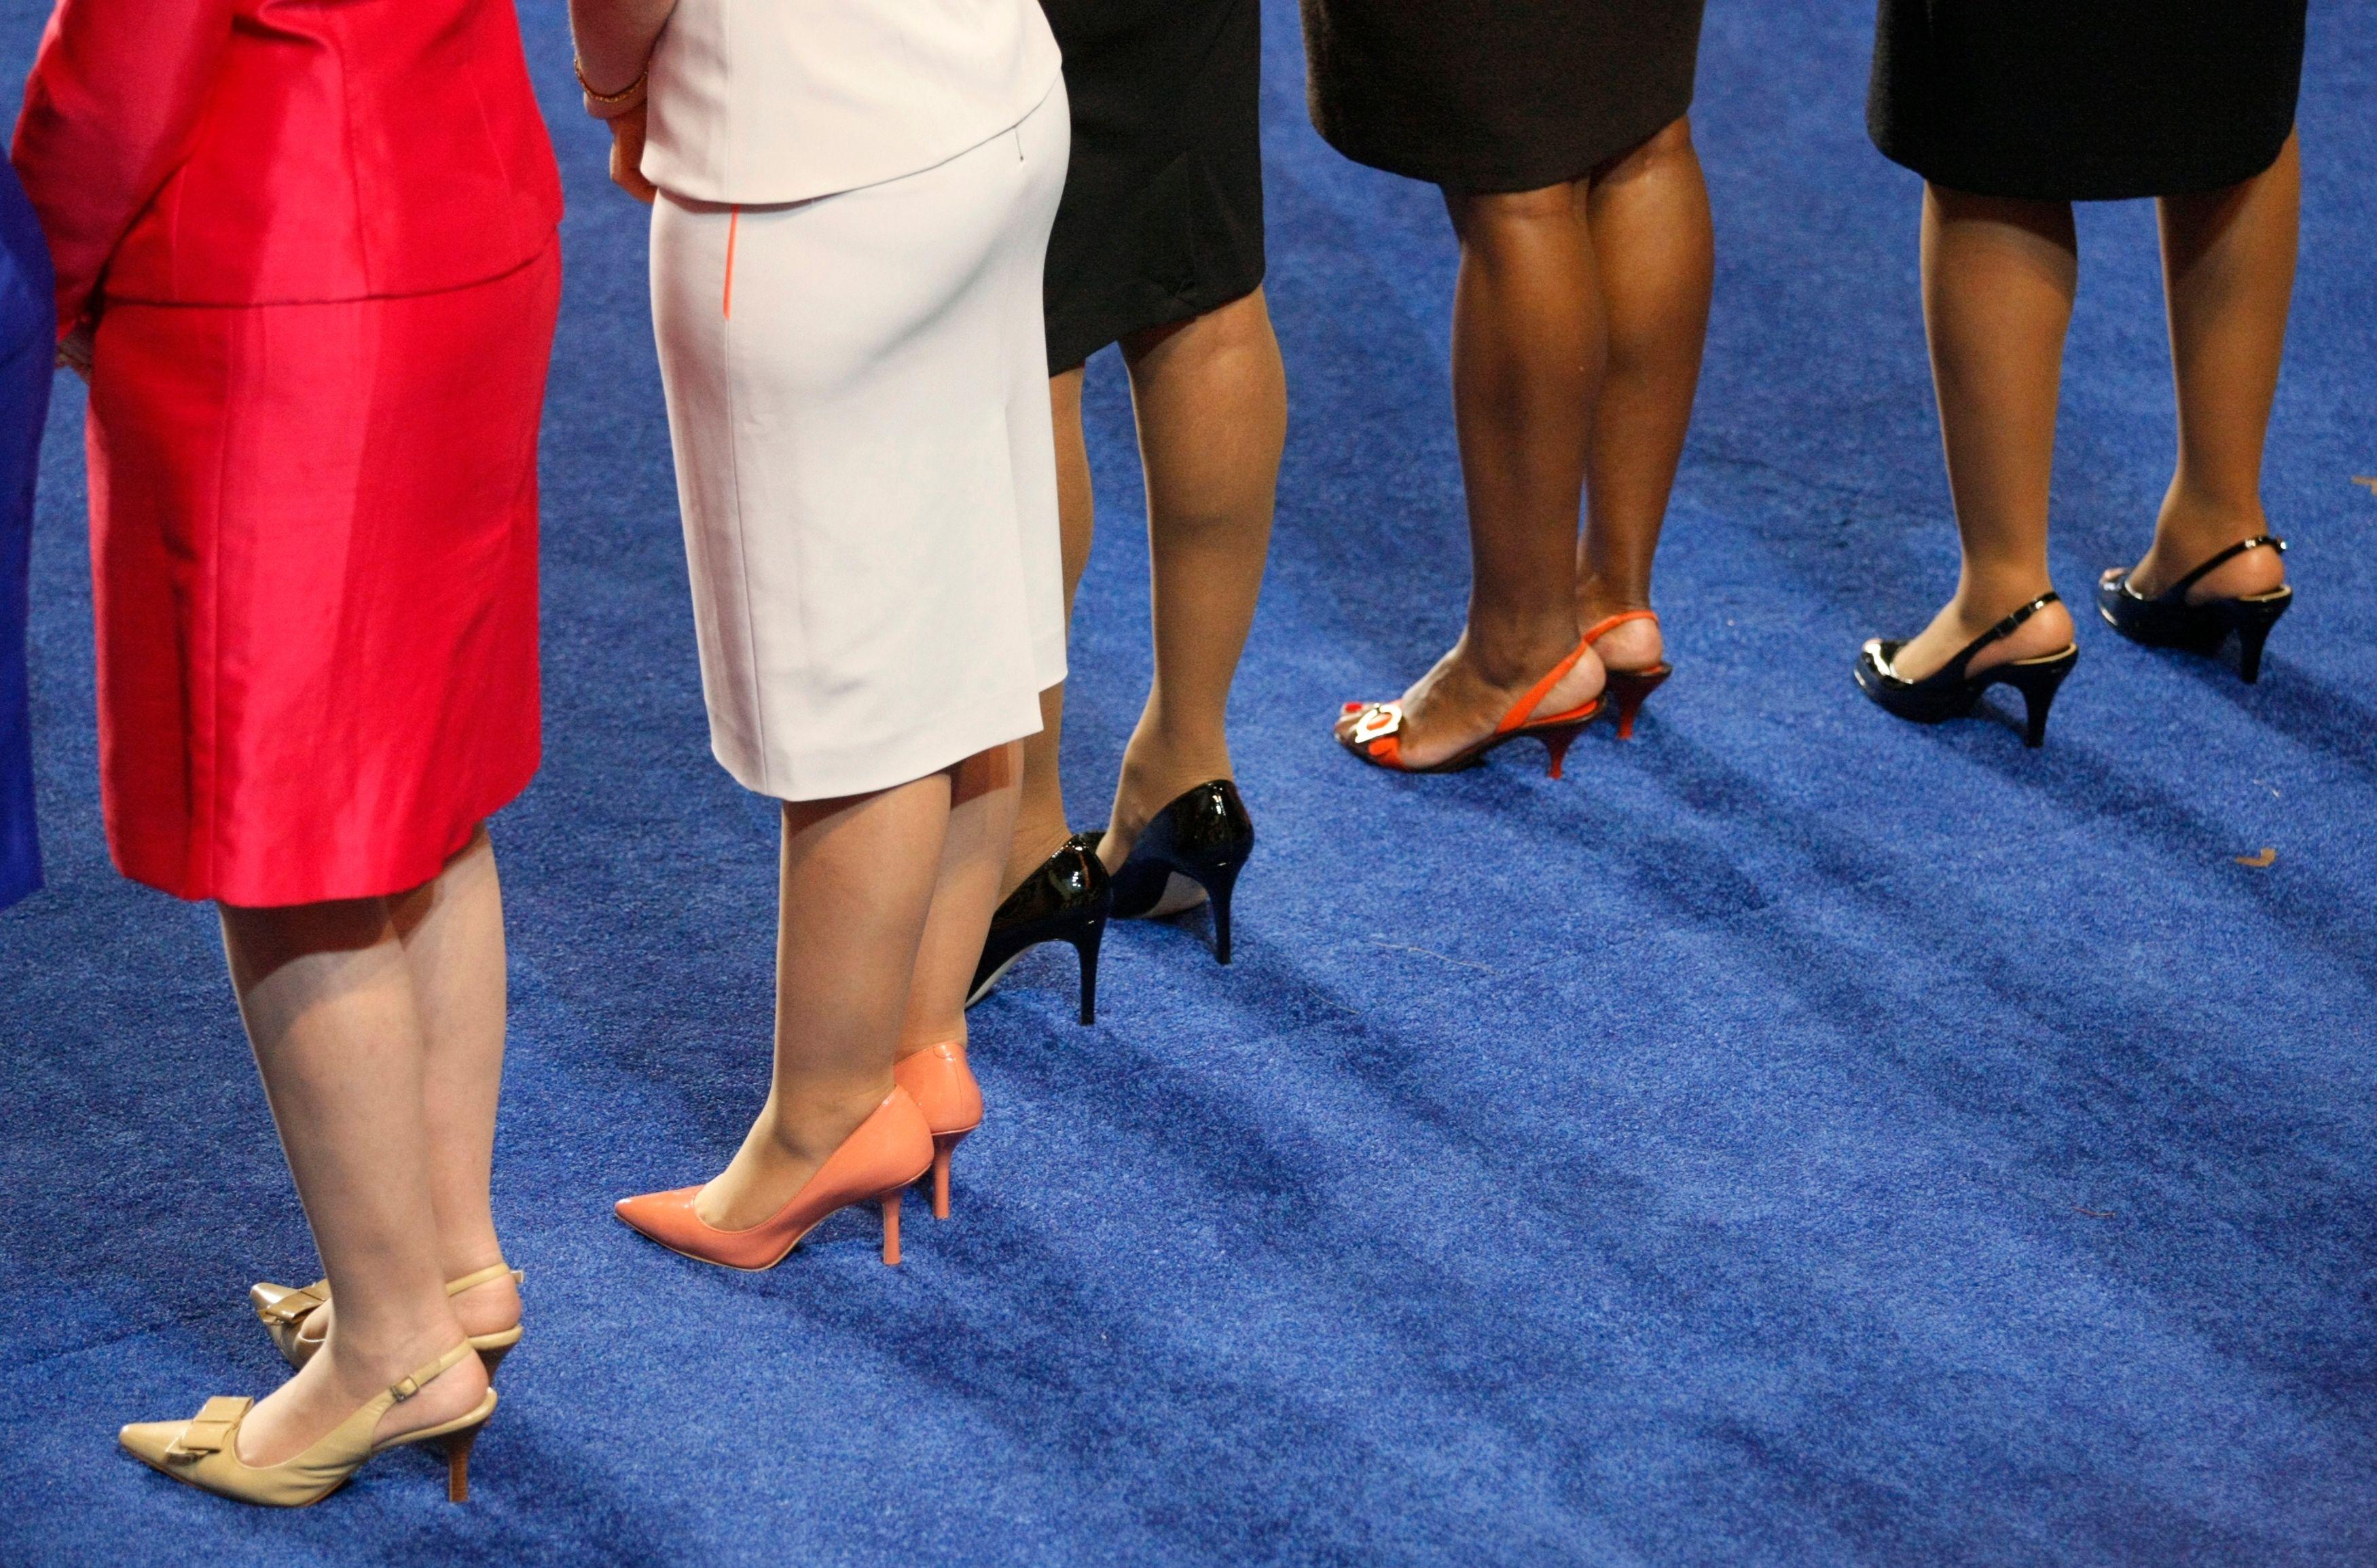 De l'égalité homme-femme à la confusion, il n'y a qu'un pas.